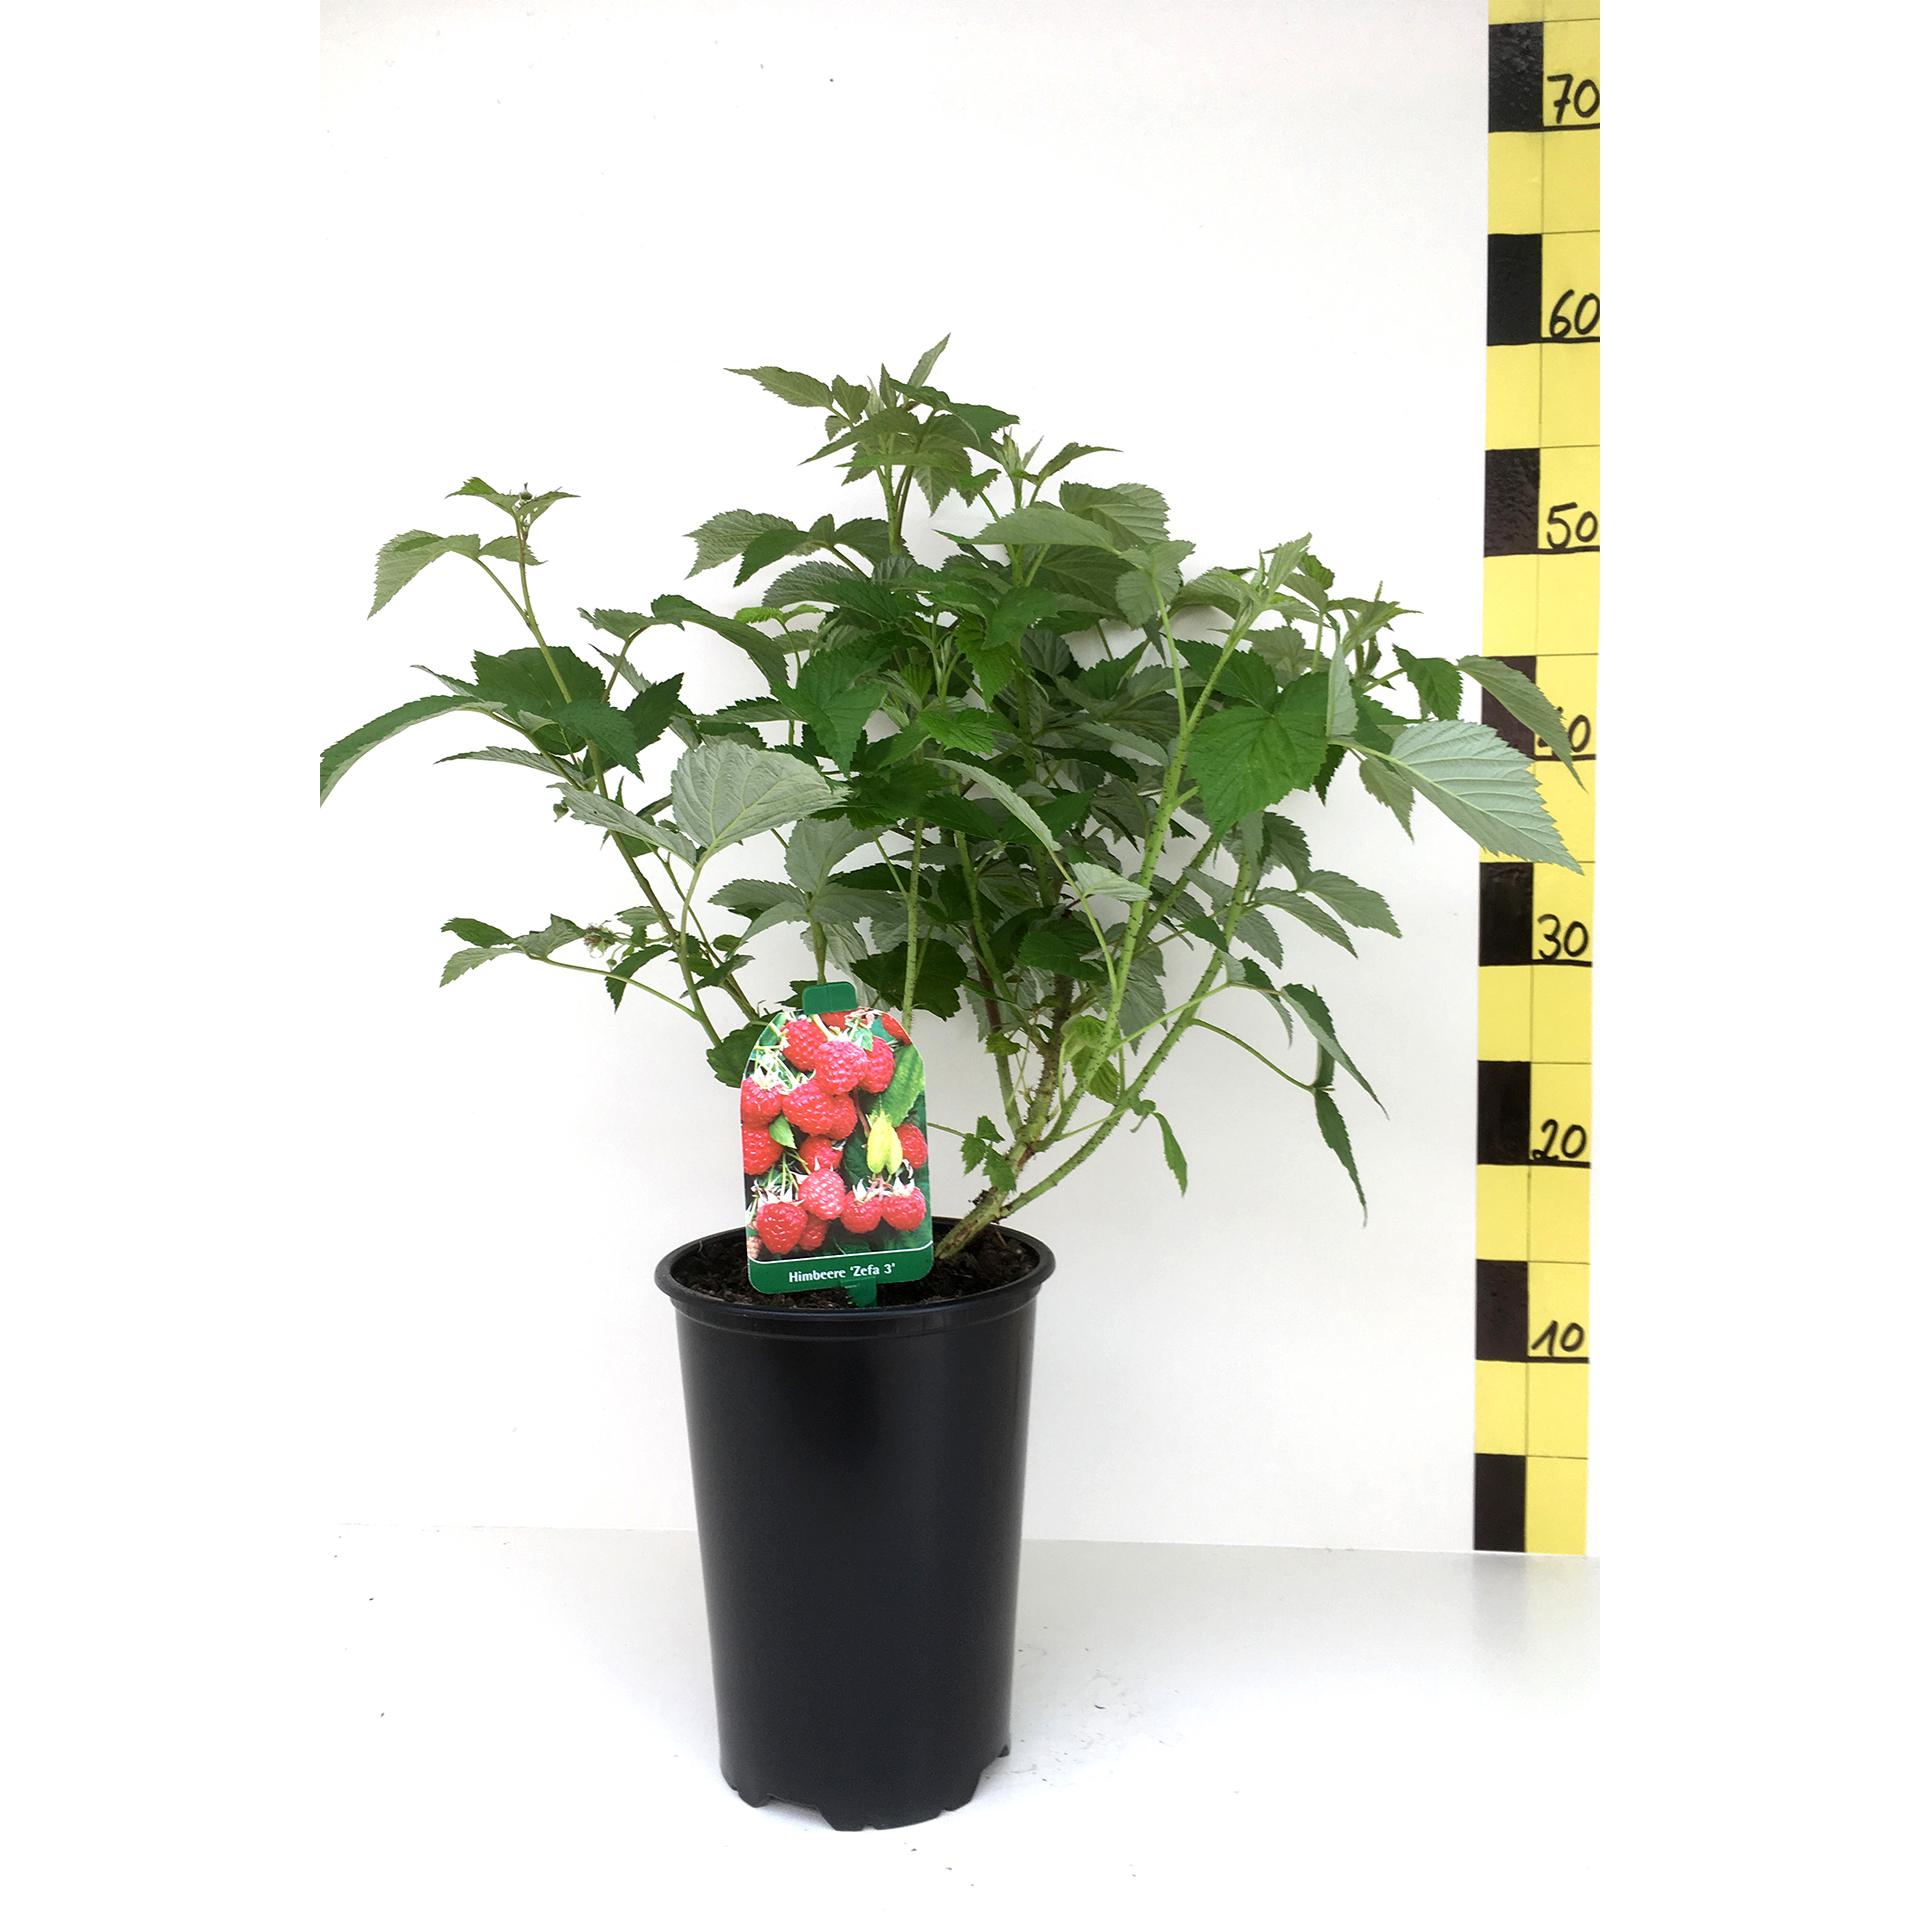 Himbeere - Rubus idaeus 'Zefa 3', 30-40cm